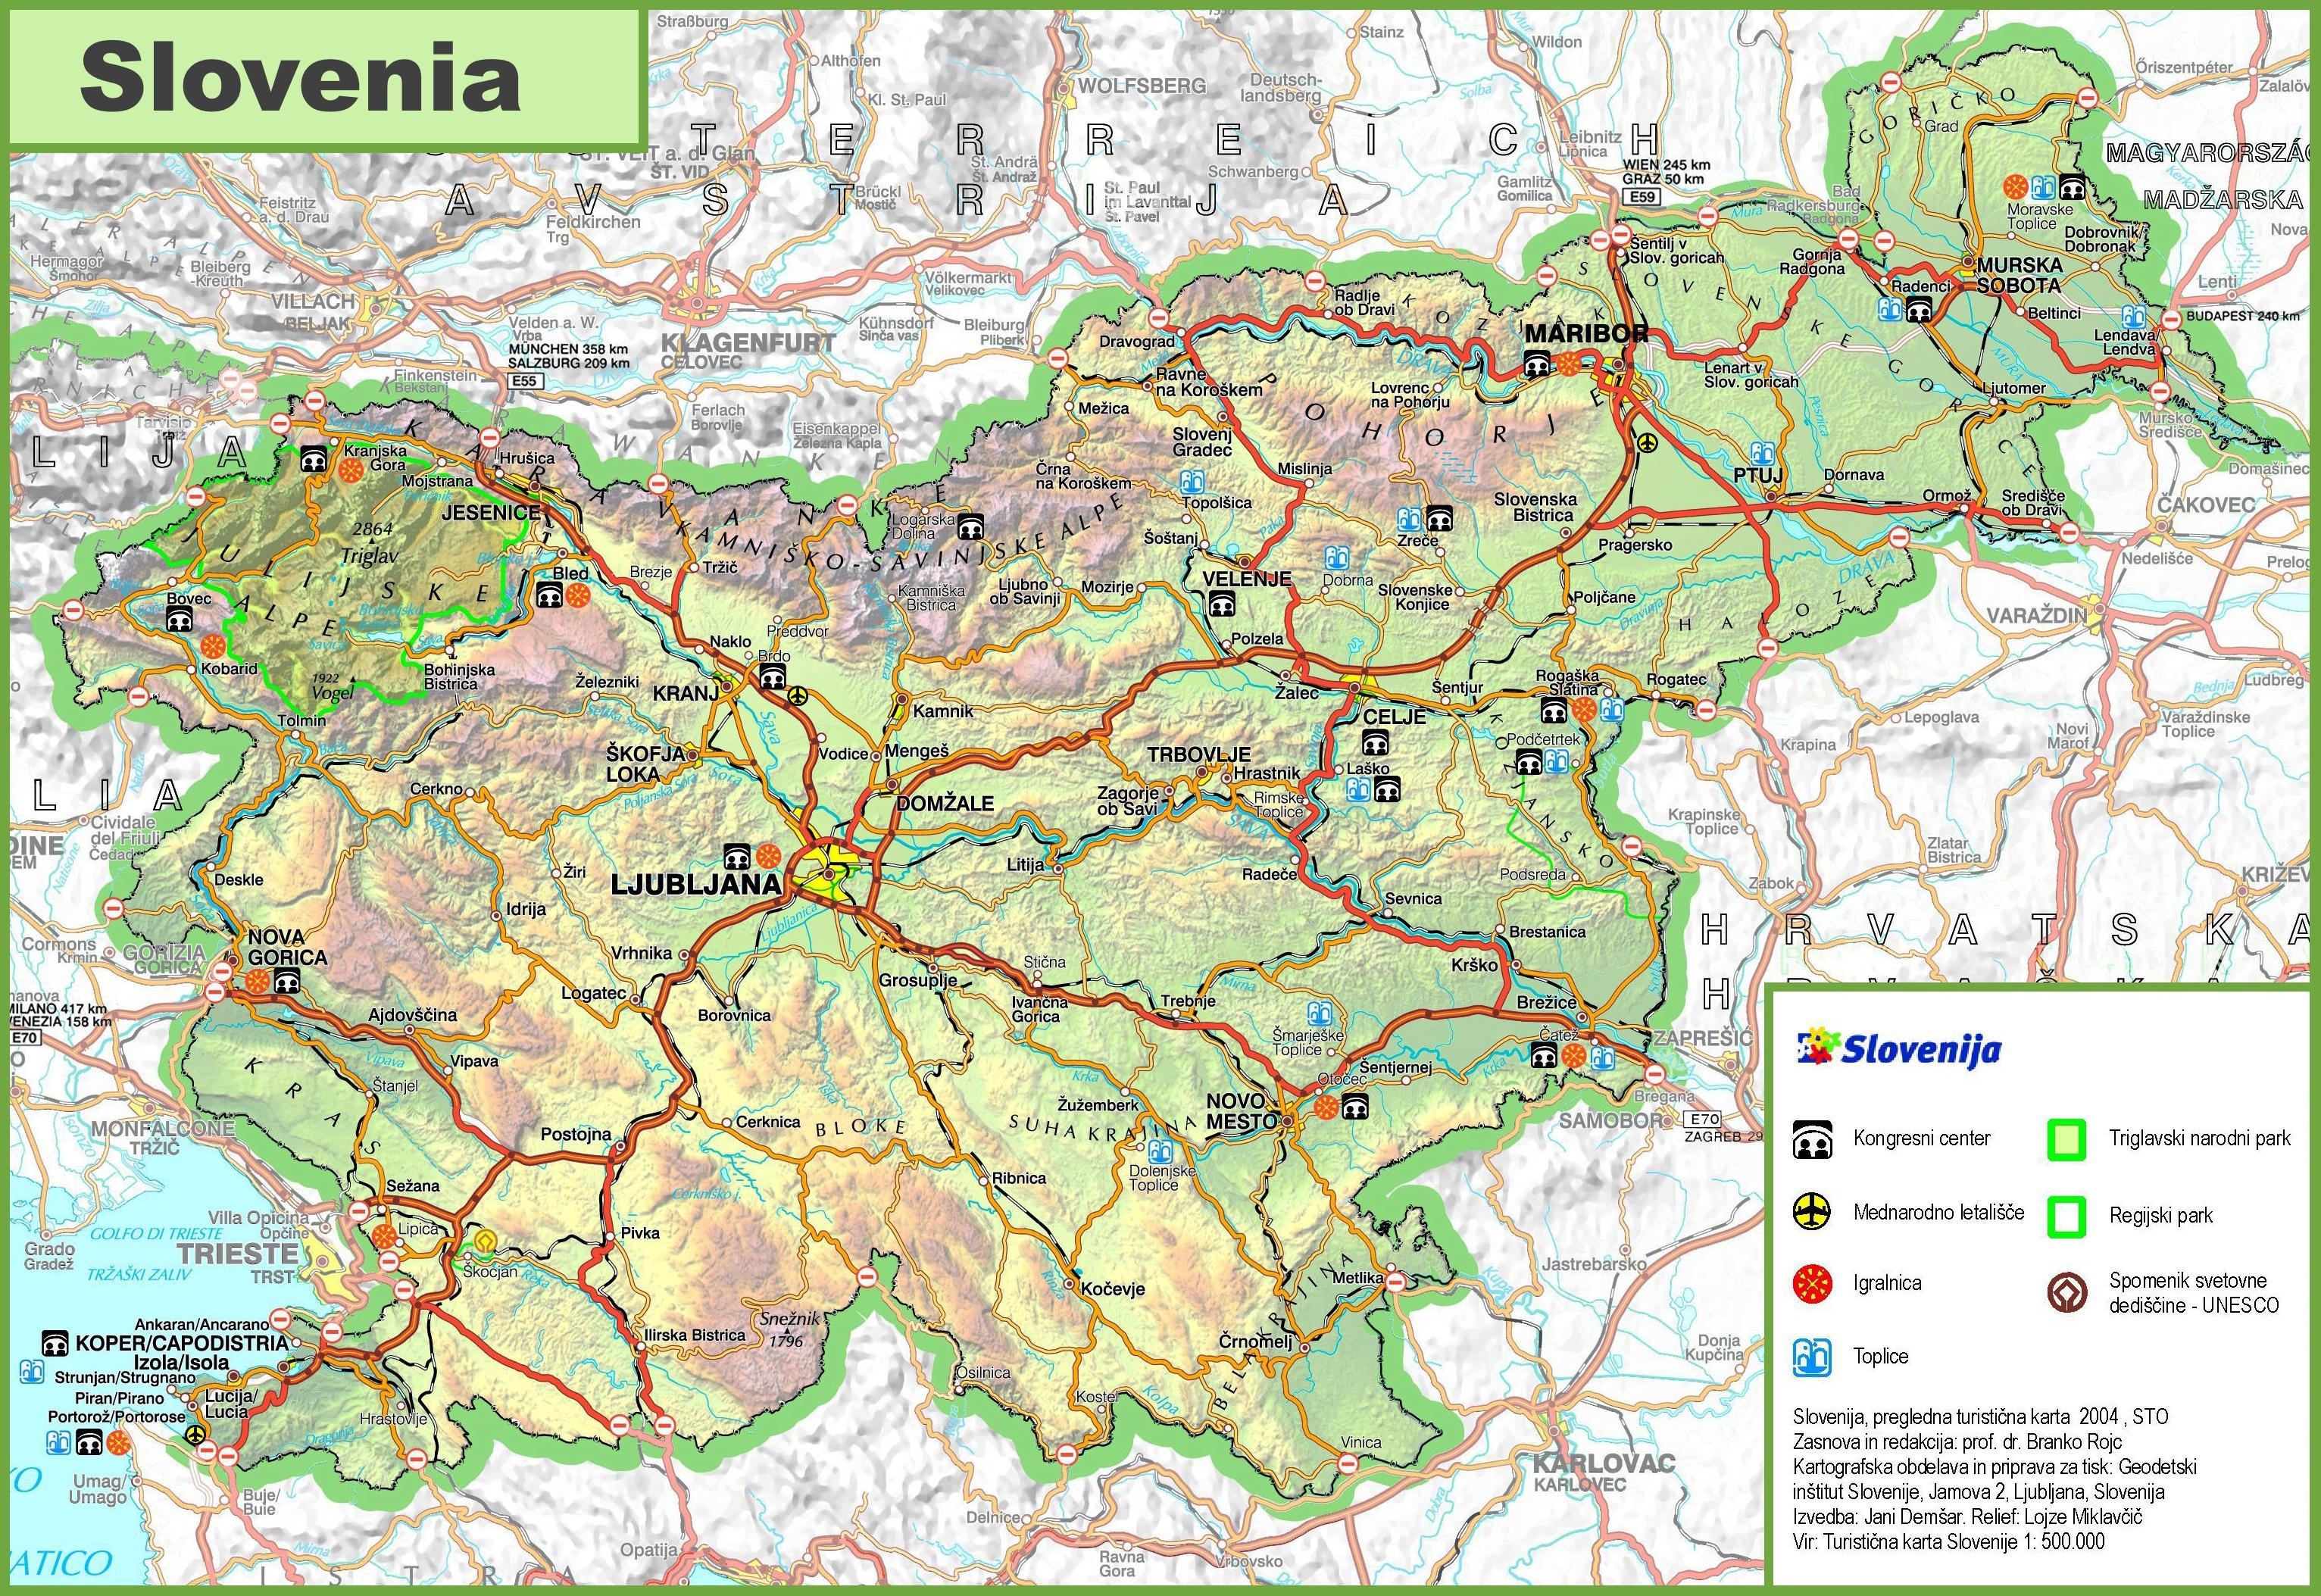 Cartina Stradale Della Slovenia.Slovenia Mappa Stradale Mappa Della Slovenia Strada Europa Del Sud Europa